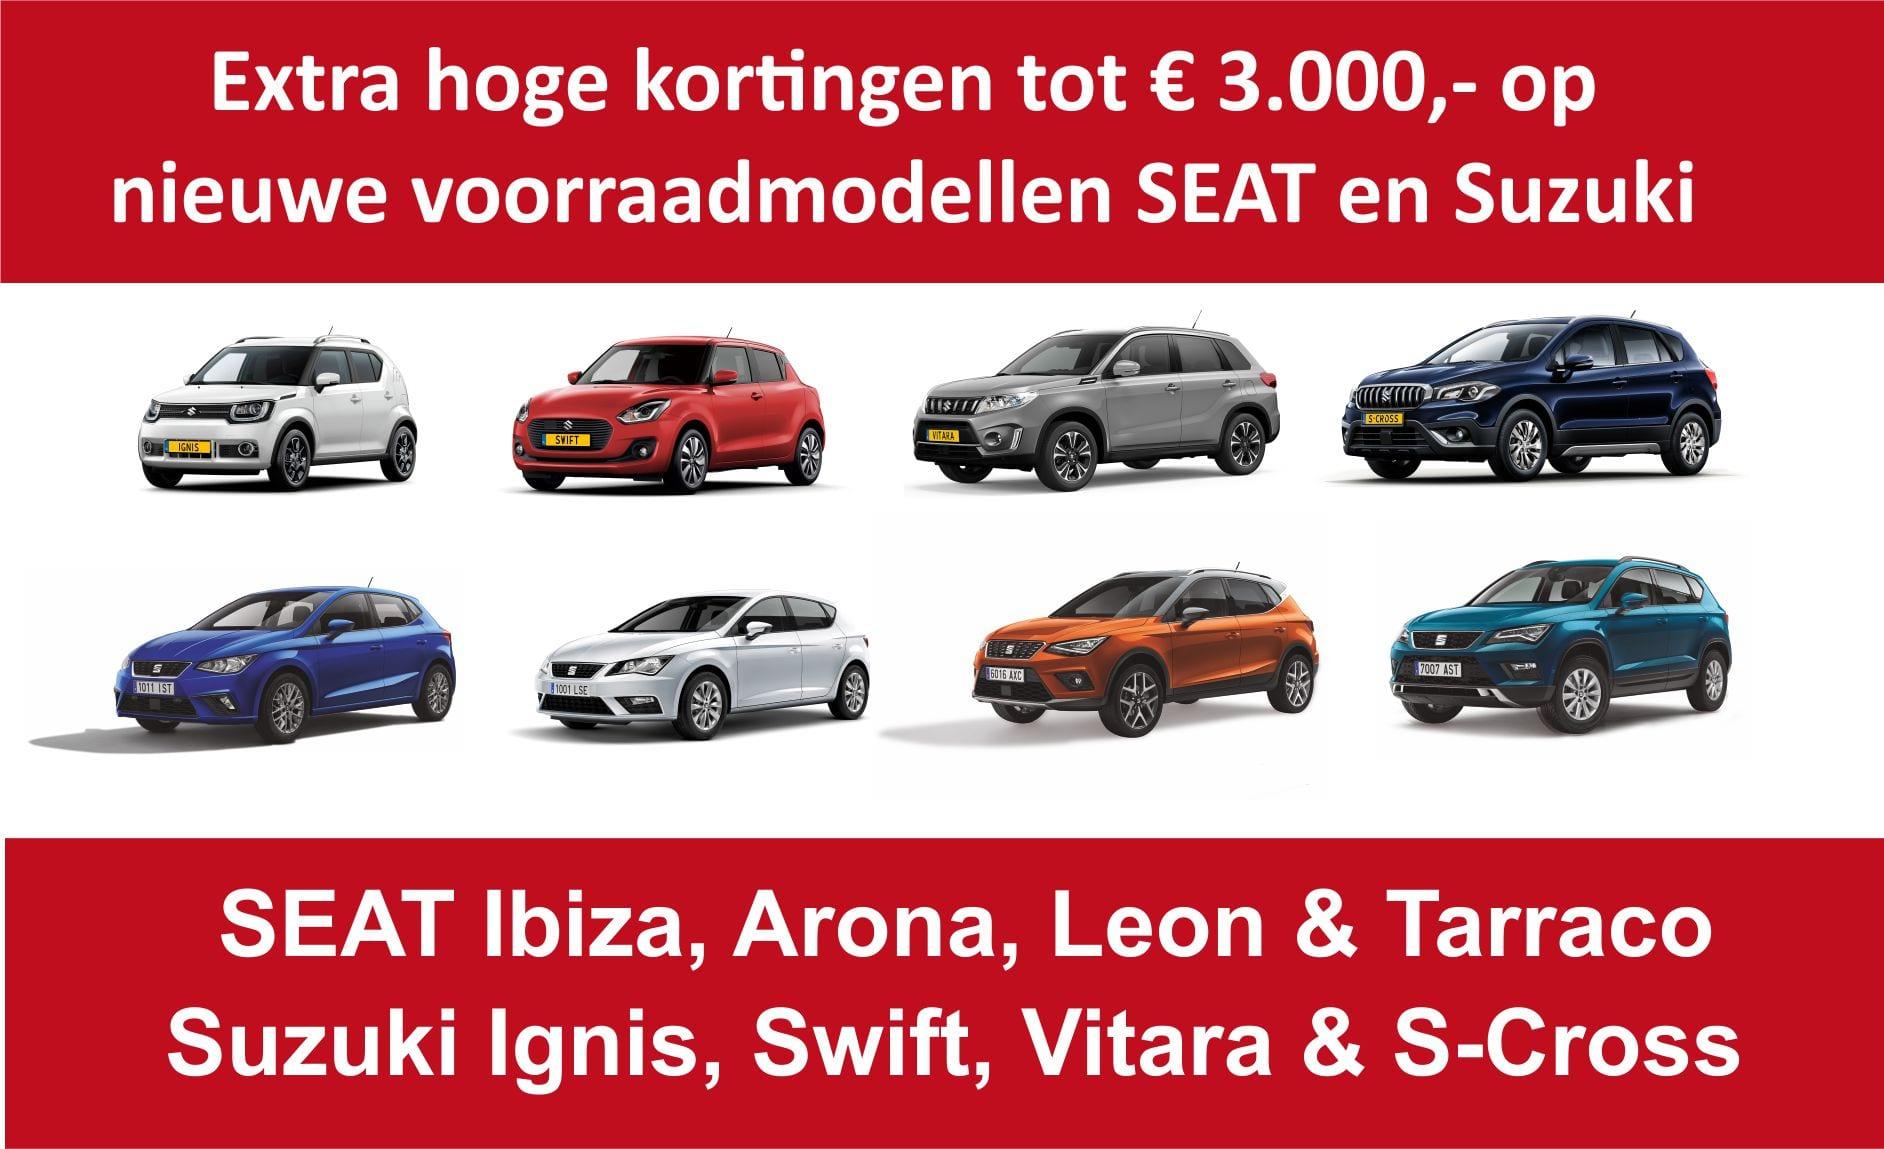 Extra hoge kortingen tot € 3.000,- op nieuwe voorraadmodellen SEAT en Suzuki